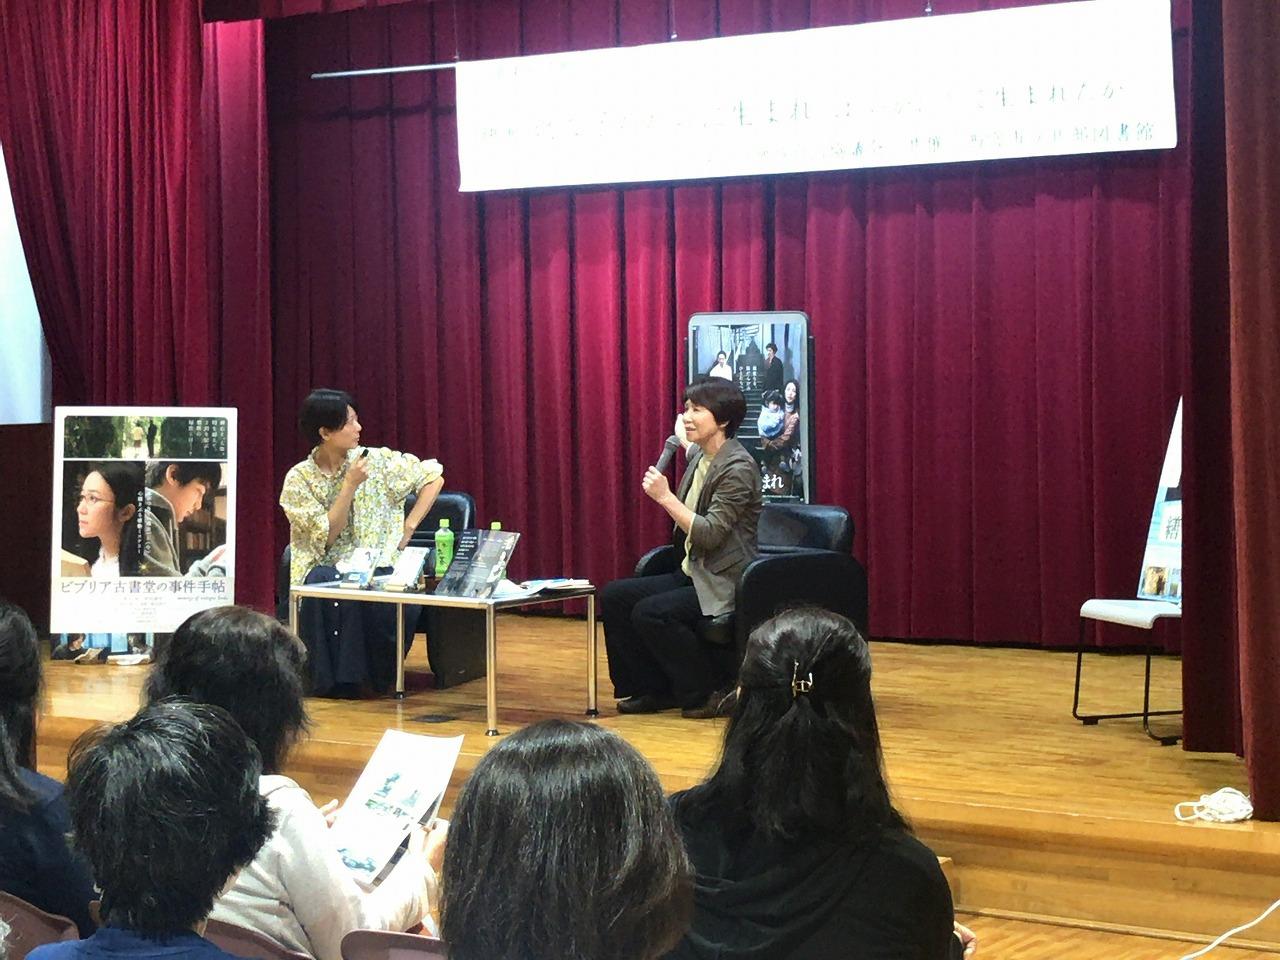 三島有紀子監督ミニトークショー